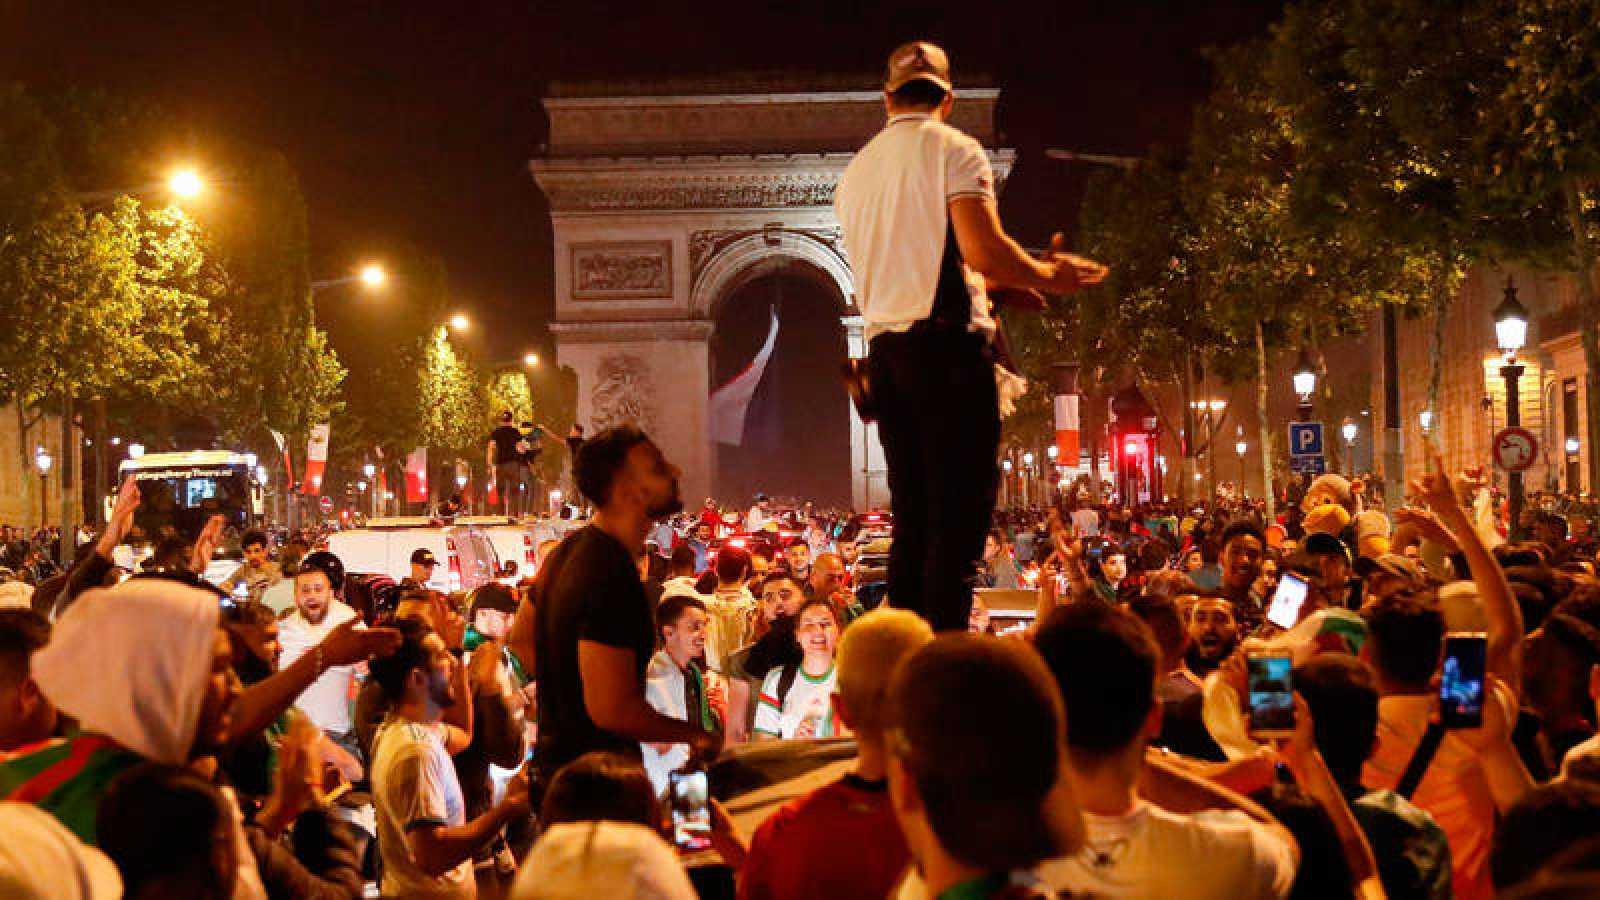 Detenidas en Francia 282 personas por altercados con hinchas argelinos